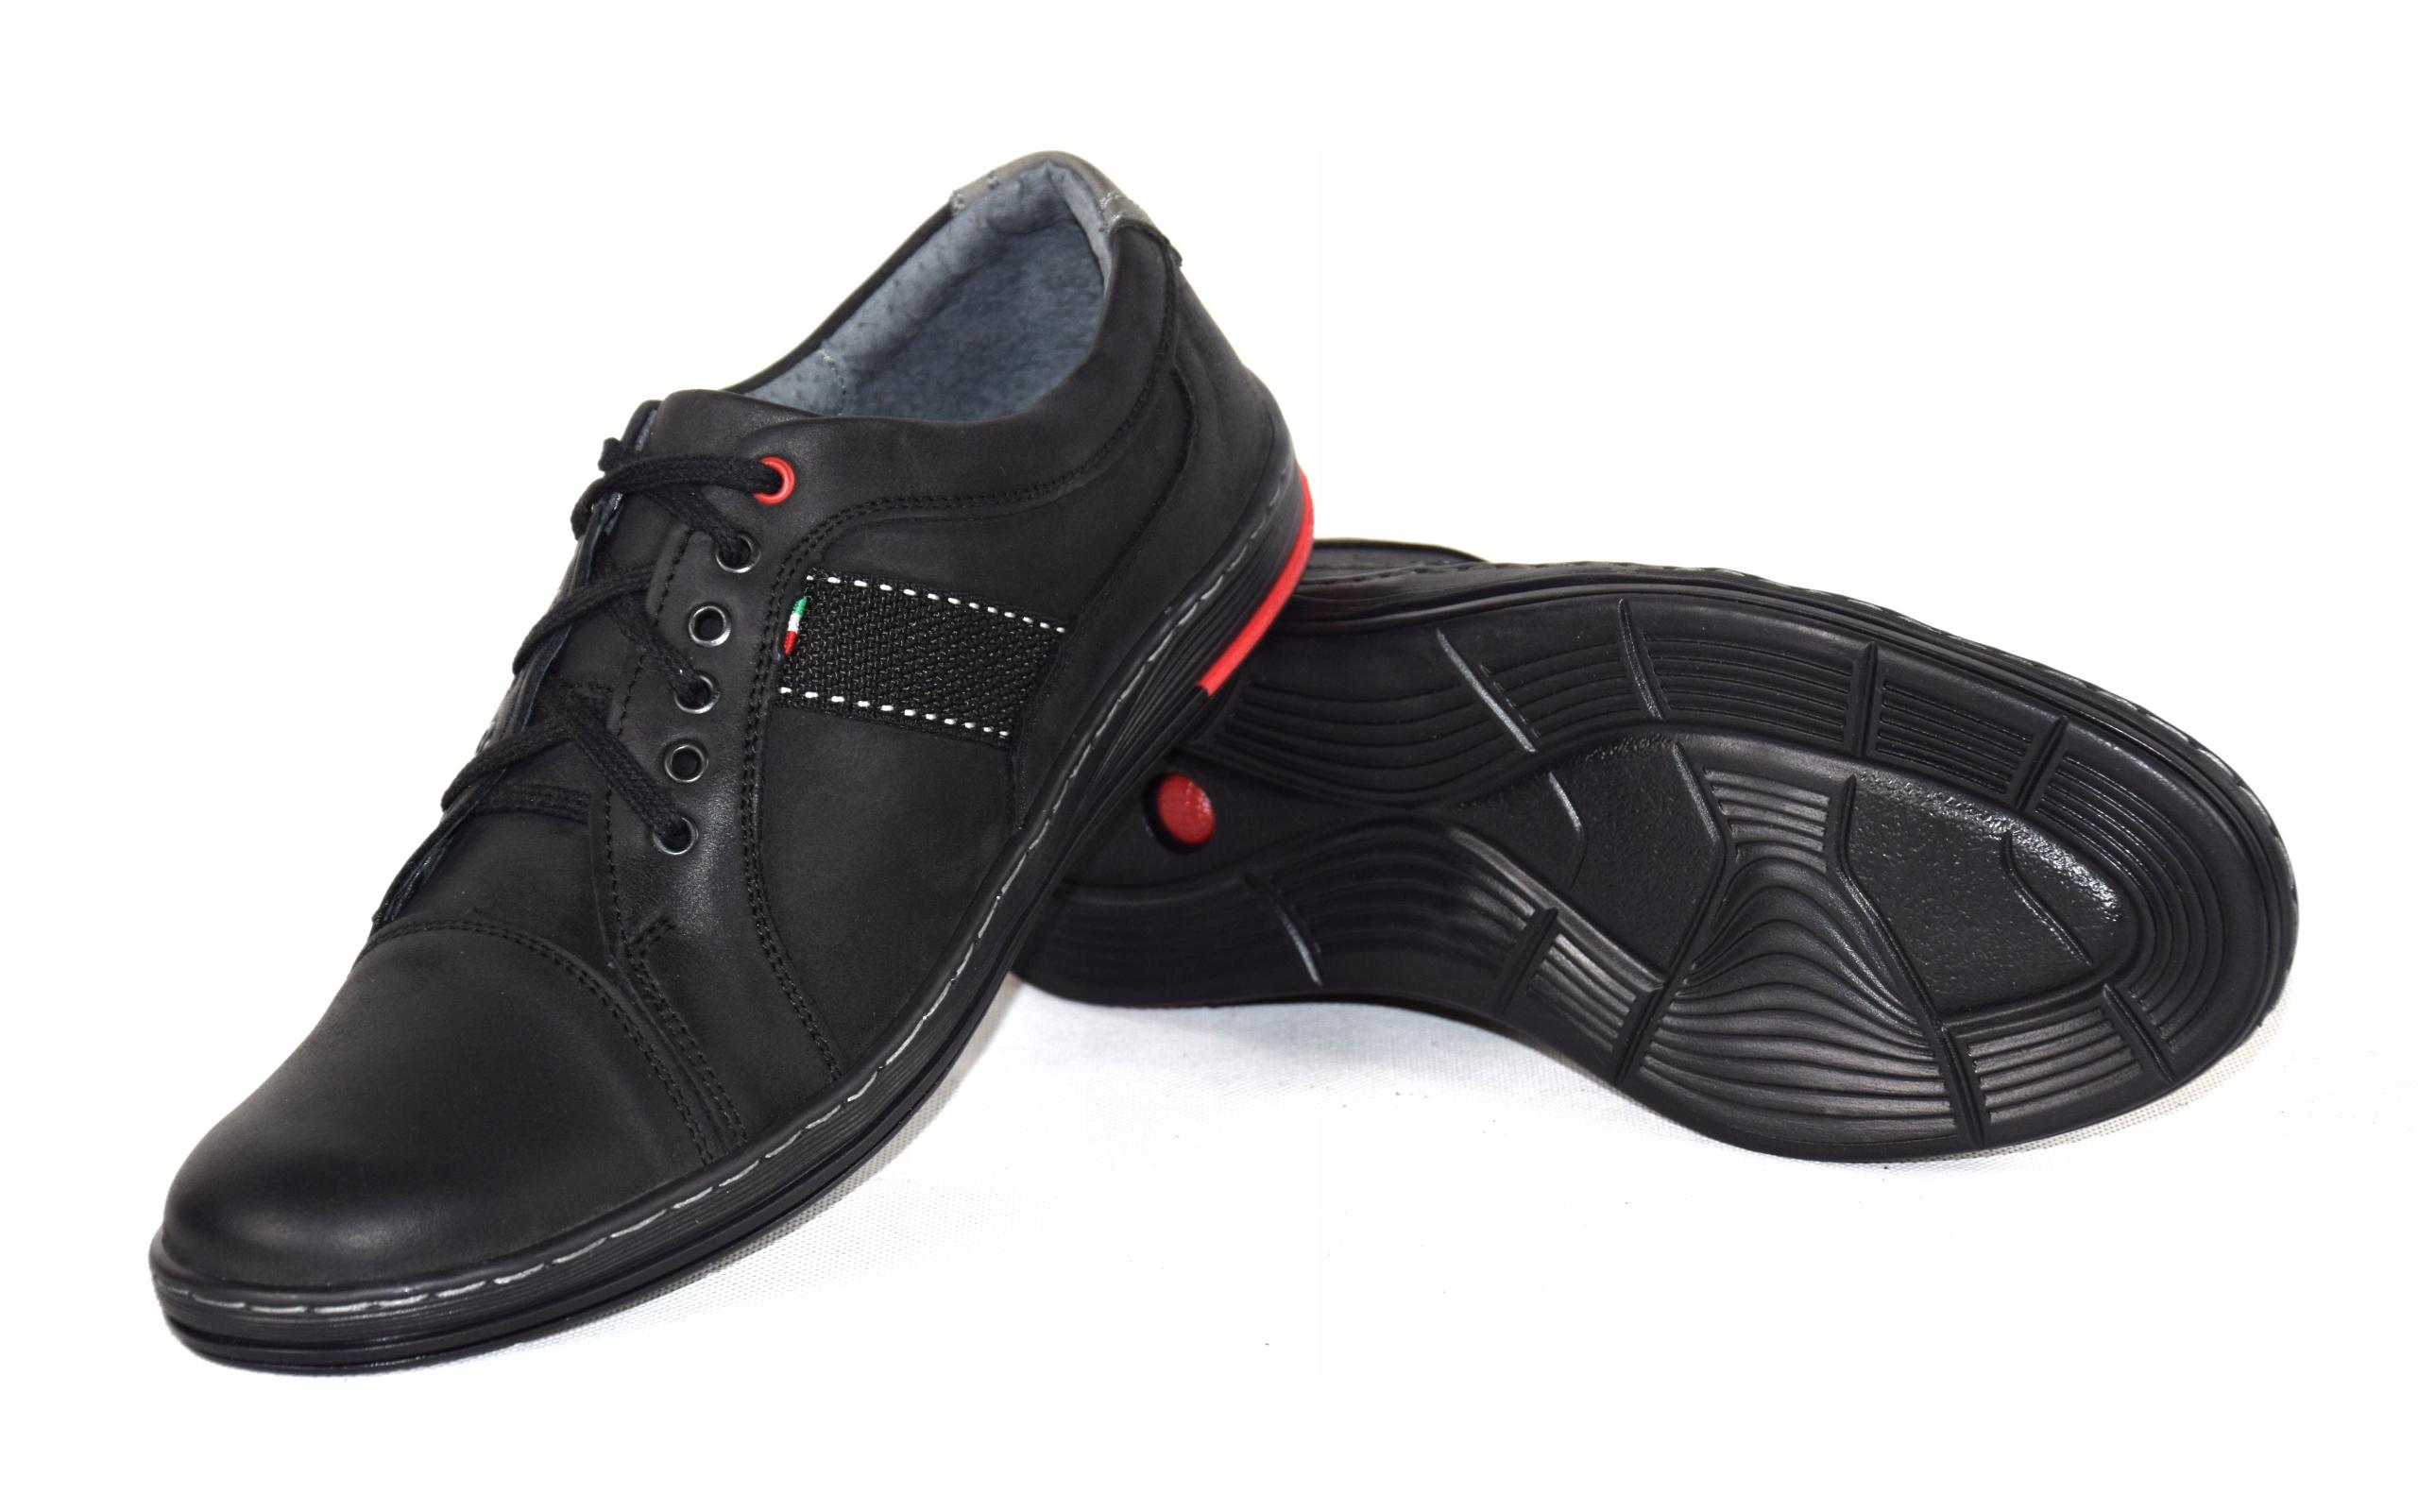 Półbuty czarne trampki skórzane buty polskie A238 Oryginalne opakowanie producenta pudełko